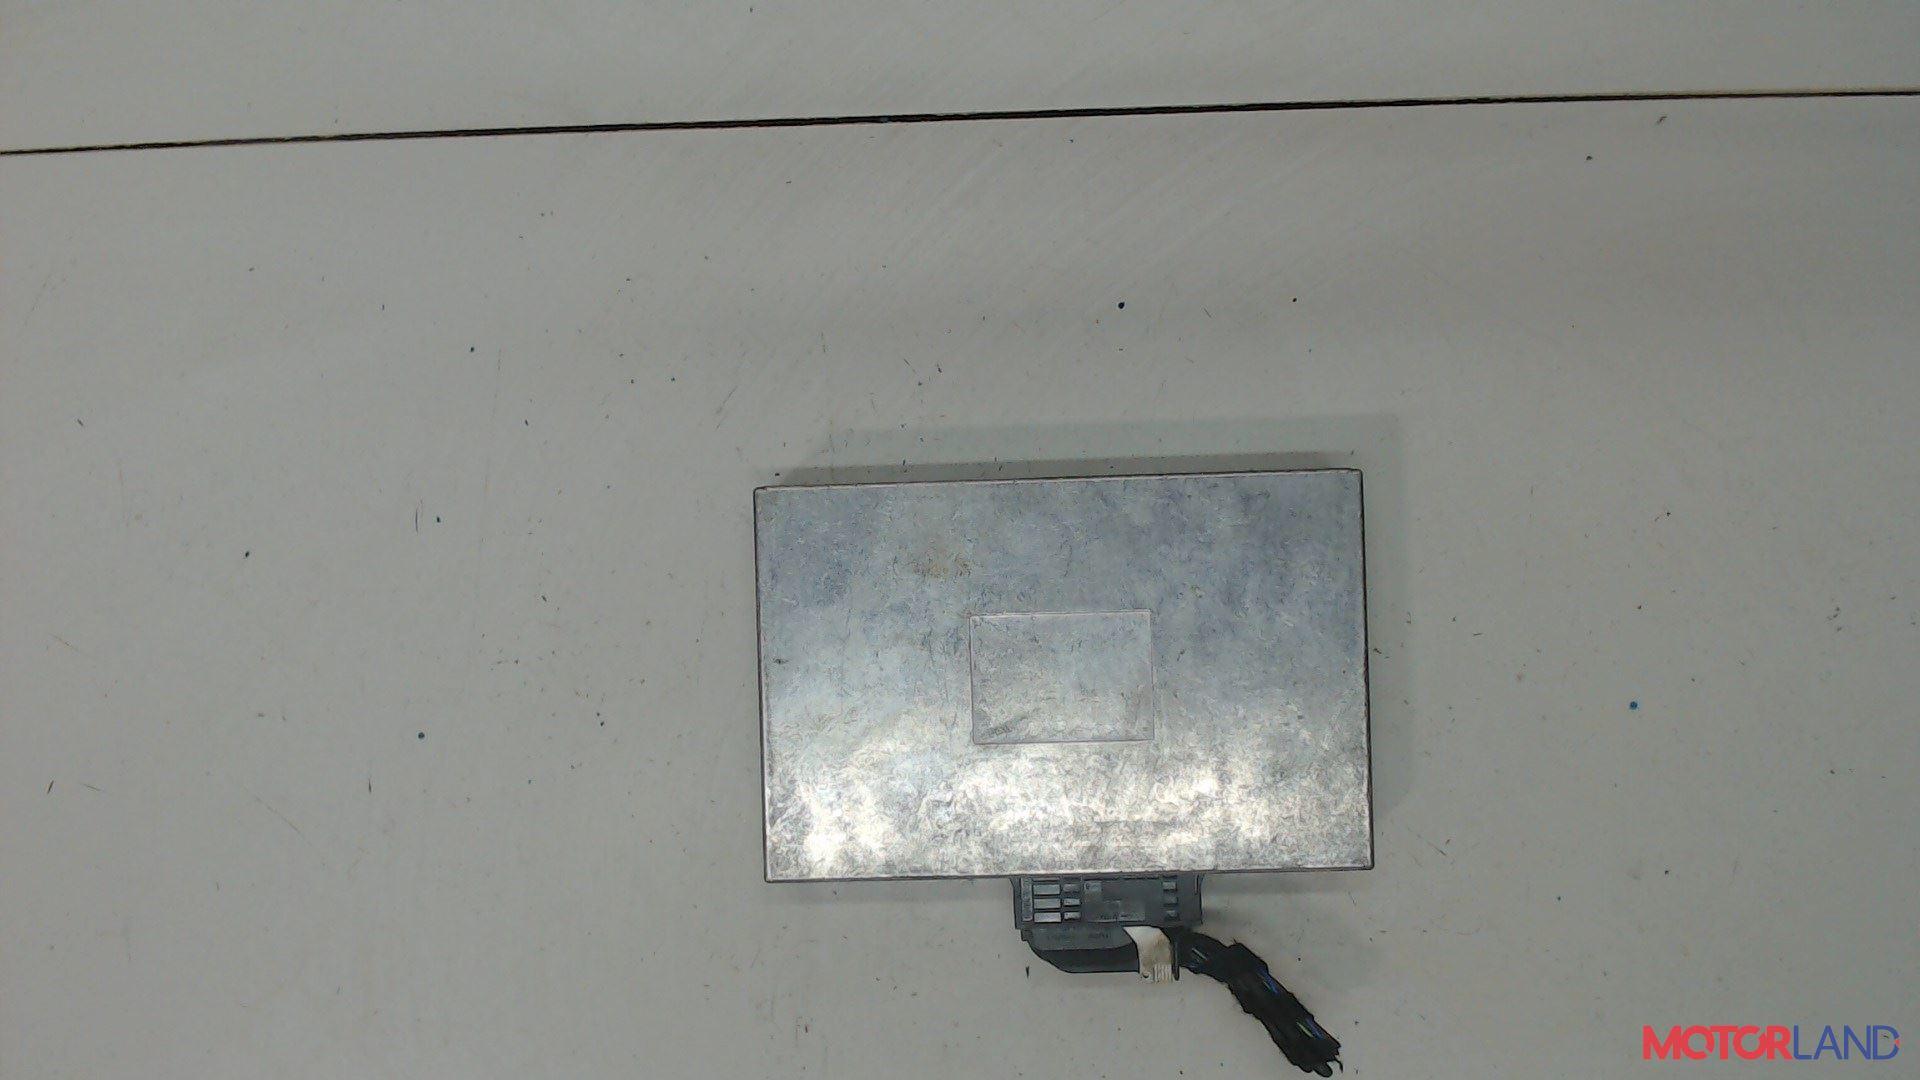 Блок управления (ЭБУ) Audi A6 (C6) 2005-2011 3.2 л. 2006 AUK б/у #1